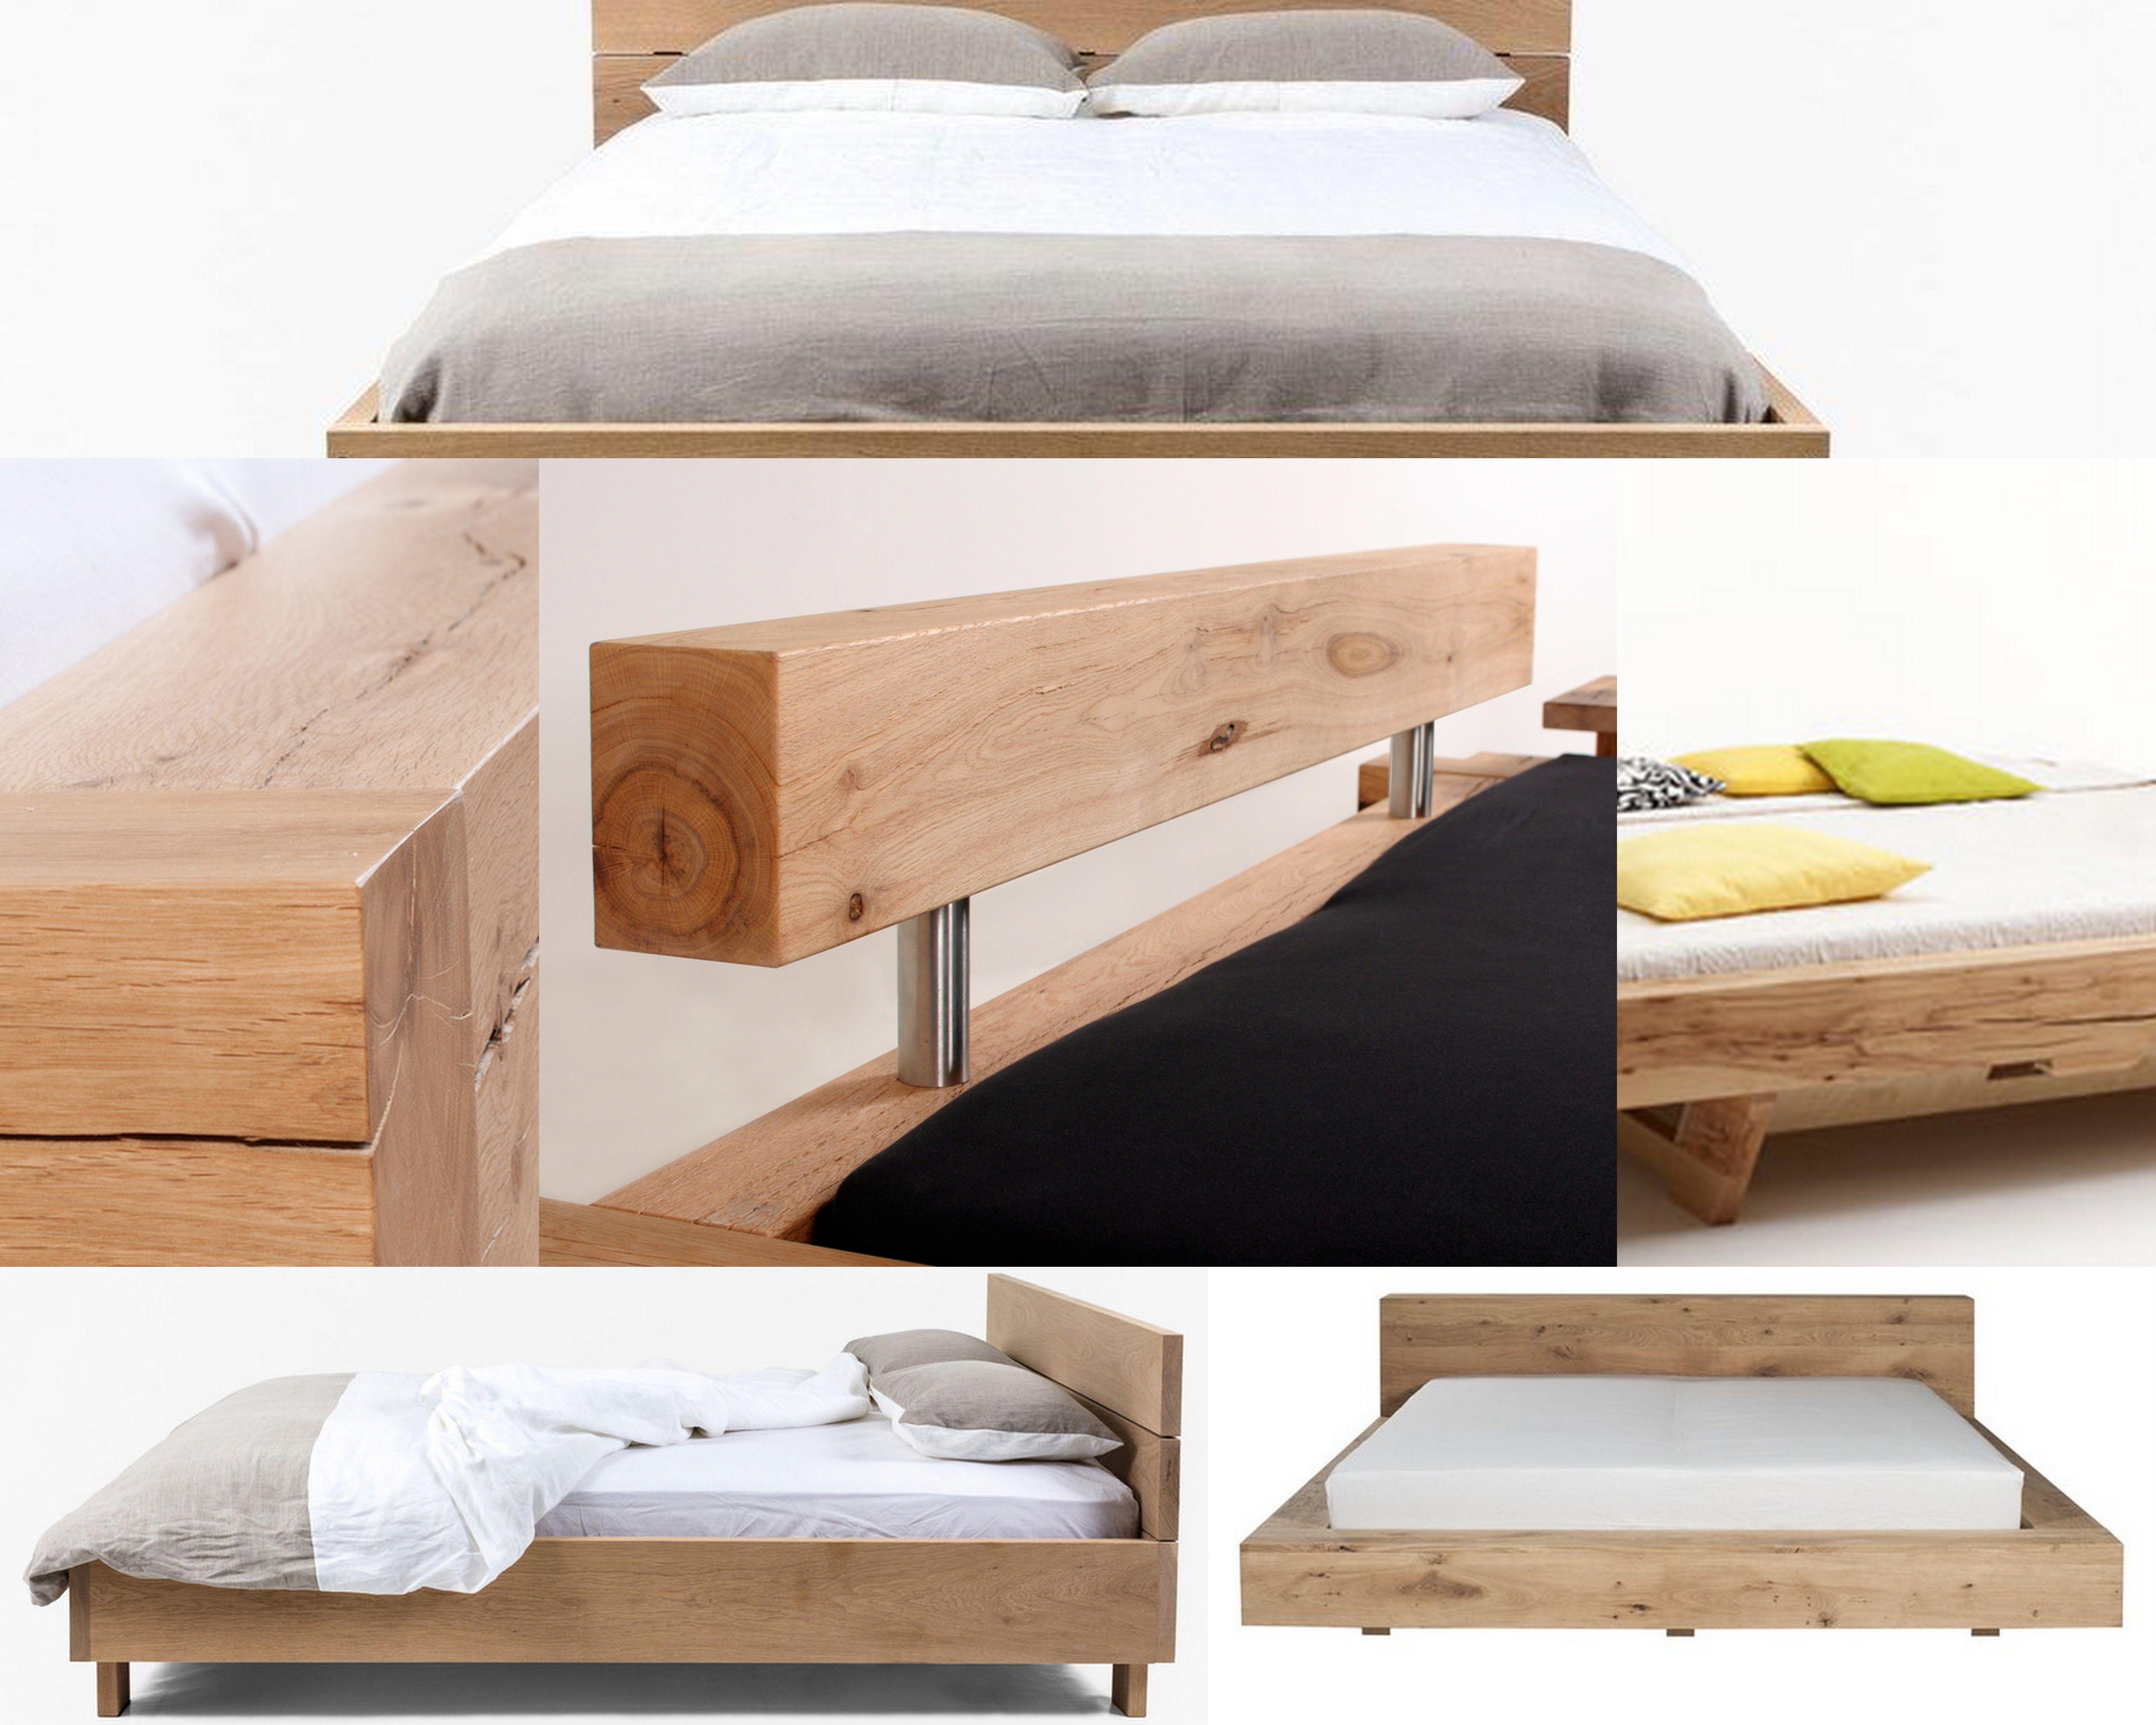 Rococo Bed Kopen : Houten bed kopen een houten bed kopen dat doe je bij with houten